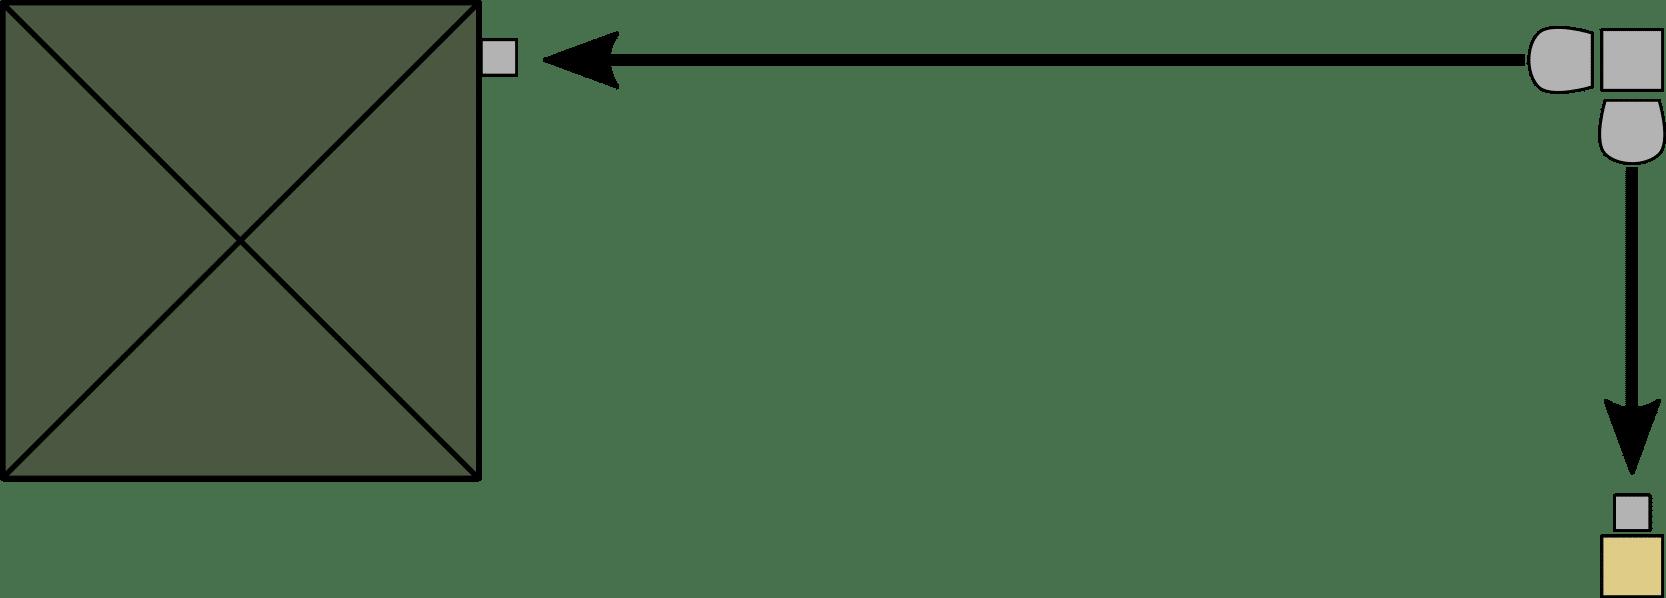 Seitenmarkise Als Ecklosung